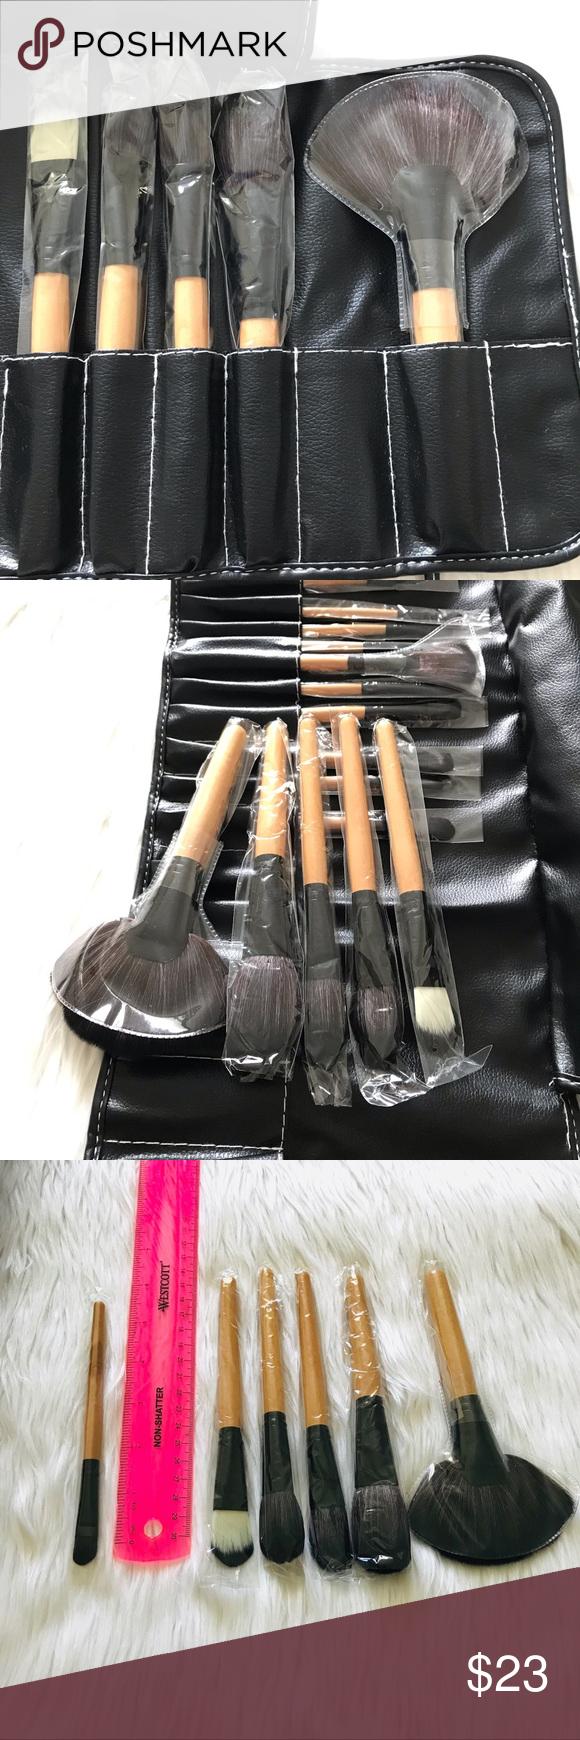 NEW MAKEUP BRUSH SET WITH CASE Makeup brush set, Makeup